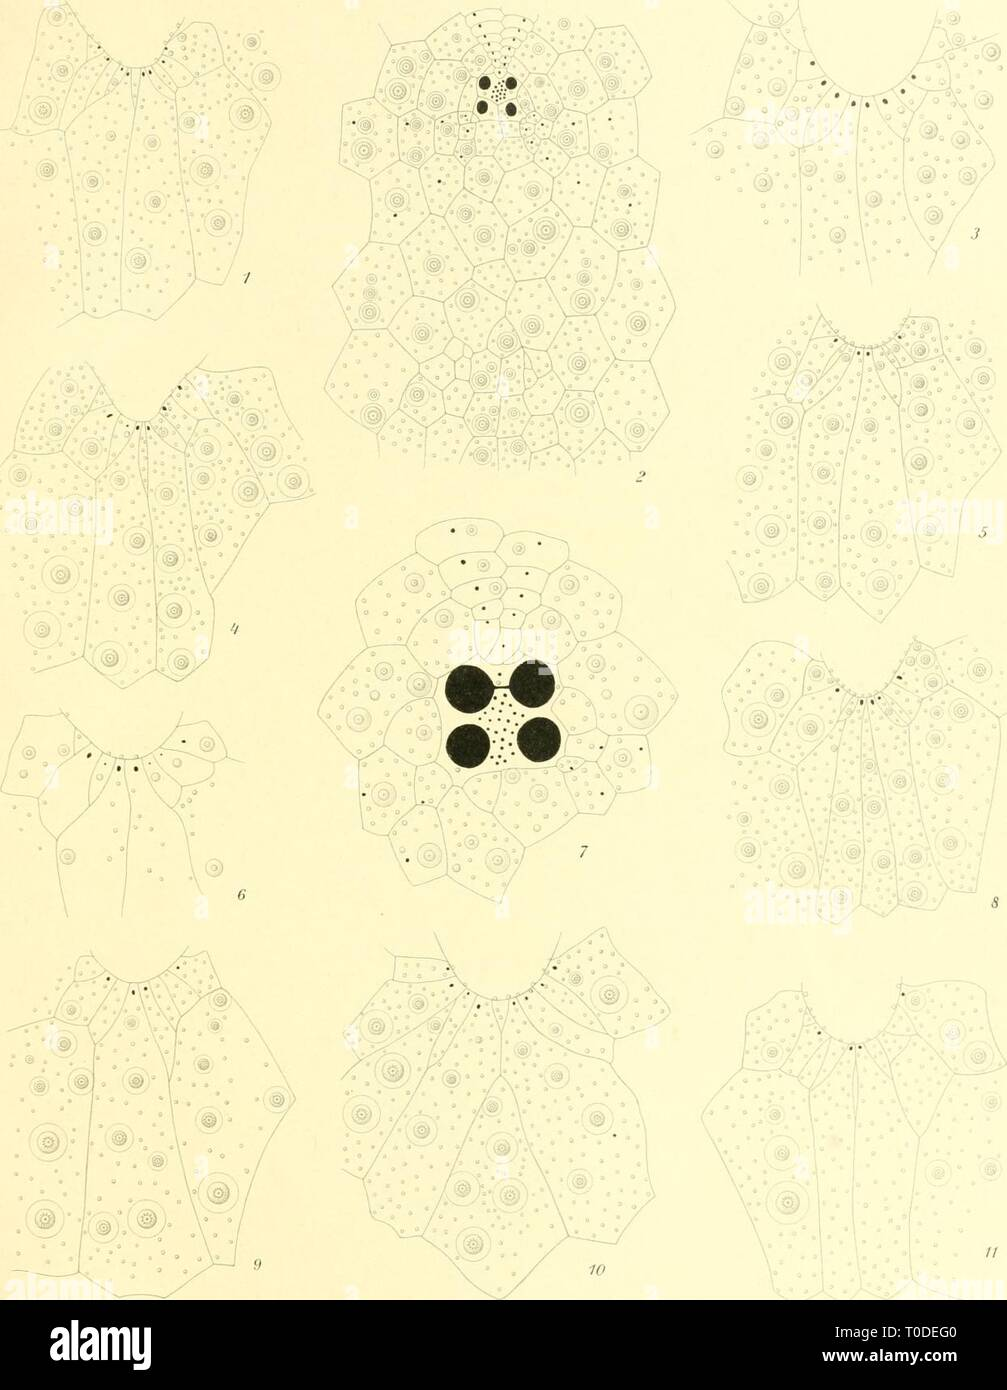 """Echinoidea (1903) Echinoidea echinoidea 00 mort Jahr: 1903 fil fjolf ich '.' xpt"""" ilitioitcit II'', Til. Mortensen, Echuioidea 11. Registerkarte. )"""" // / TTUkfoT - teKstn del. 13. 7. ronr - liilc^ia M'/ini/di Mrlsii., 'l (!. ist 11. Poni-la-IC-iid.leffrt.' 'I/II U"""". J'/i auf. Stockfoto"""